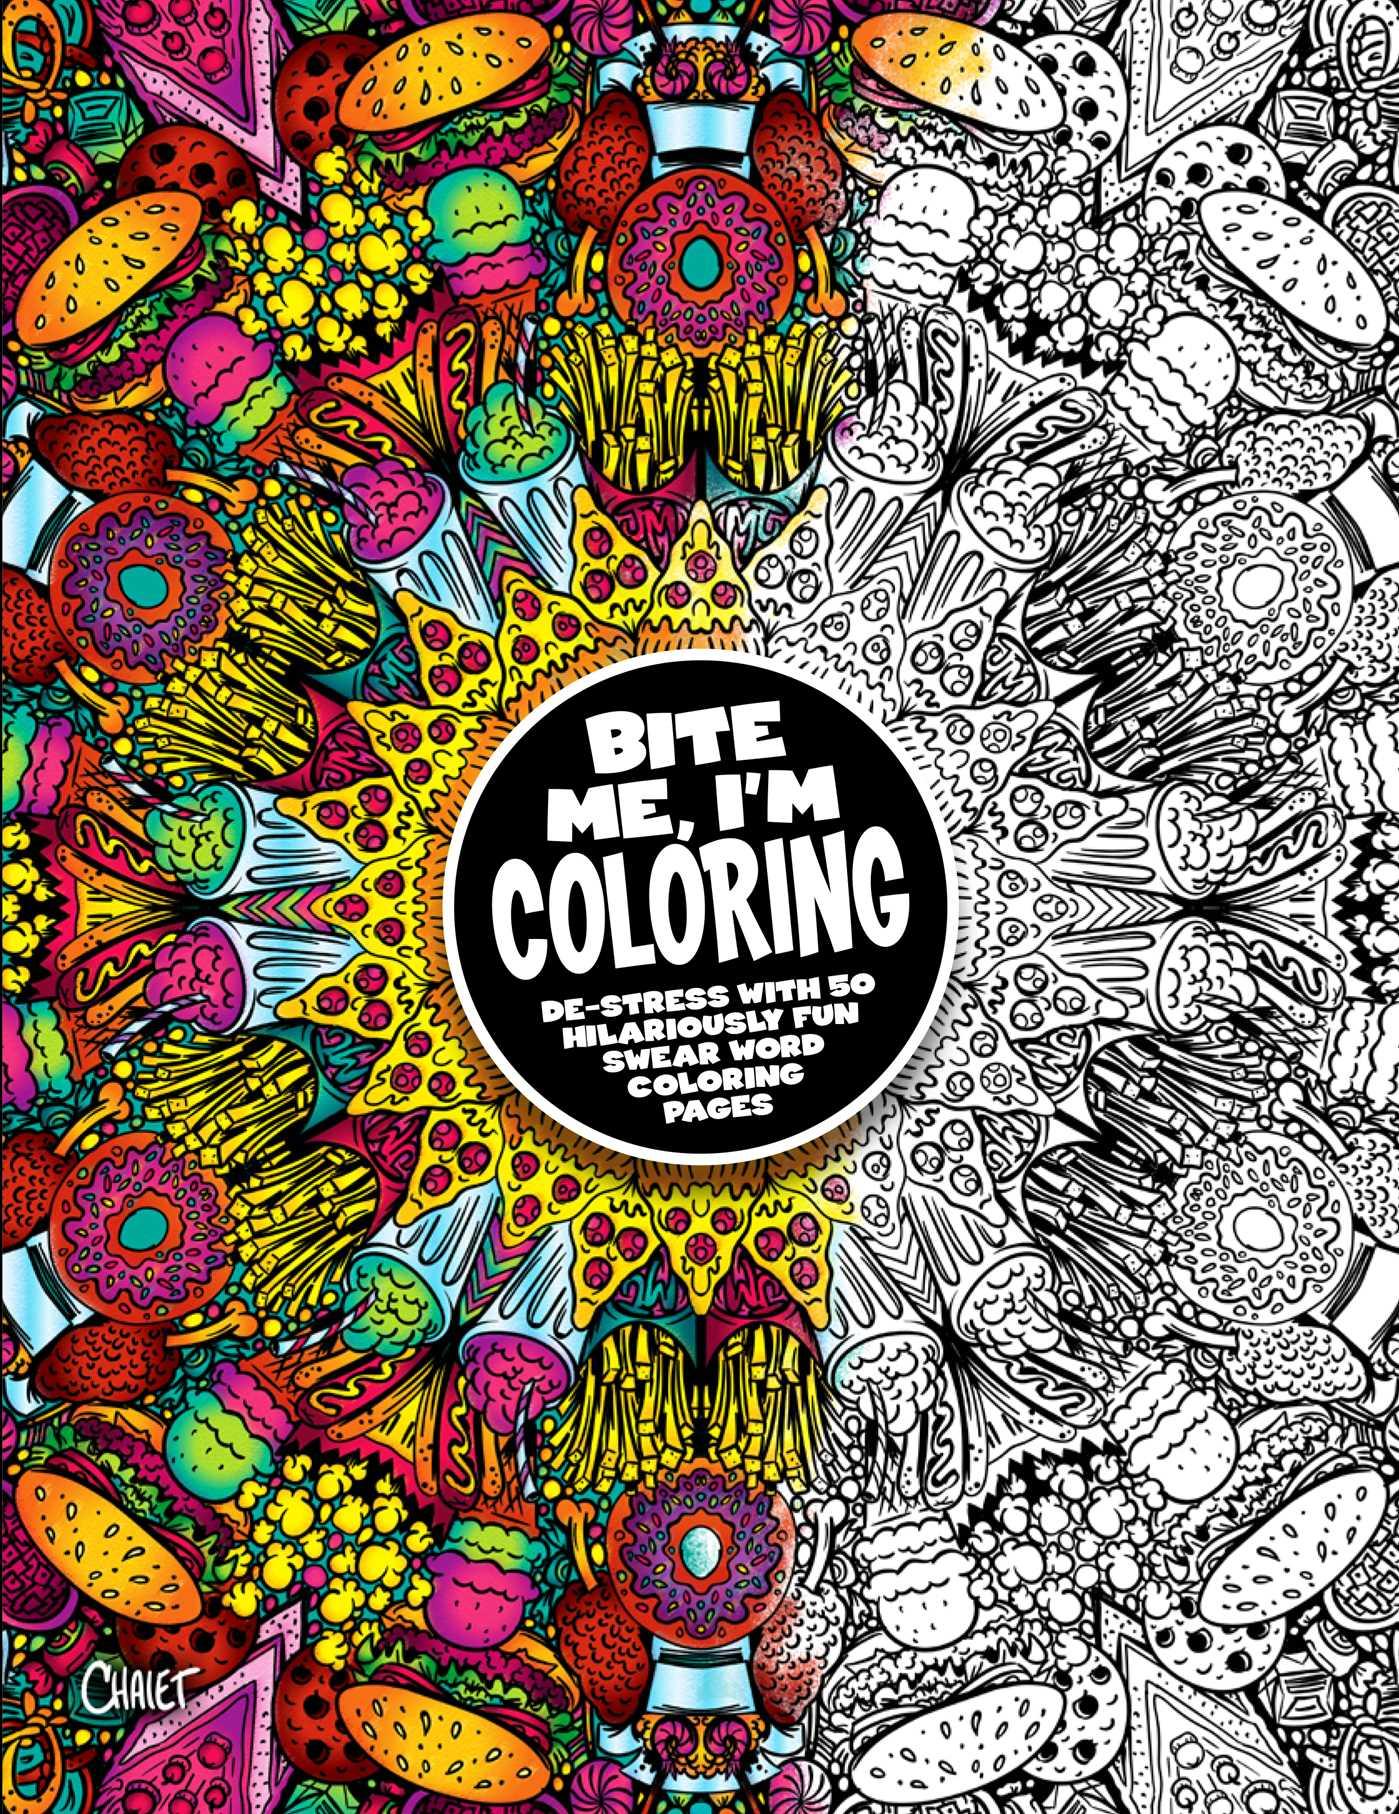 Bite me im coloring 9781604337242 hr